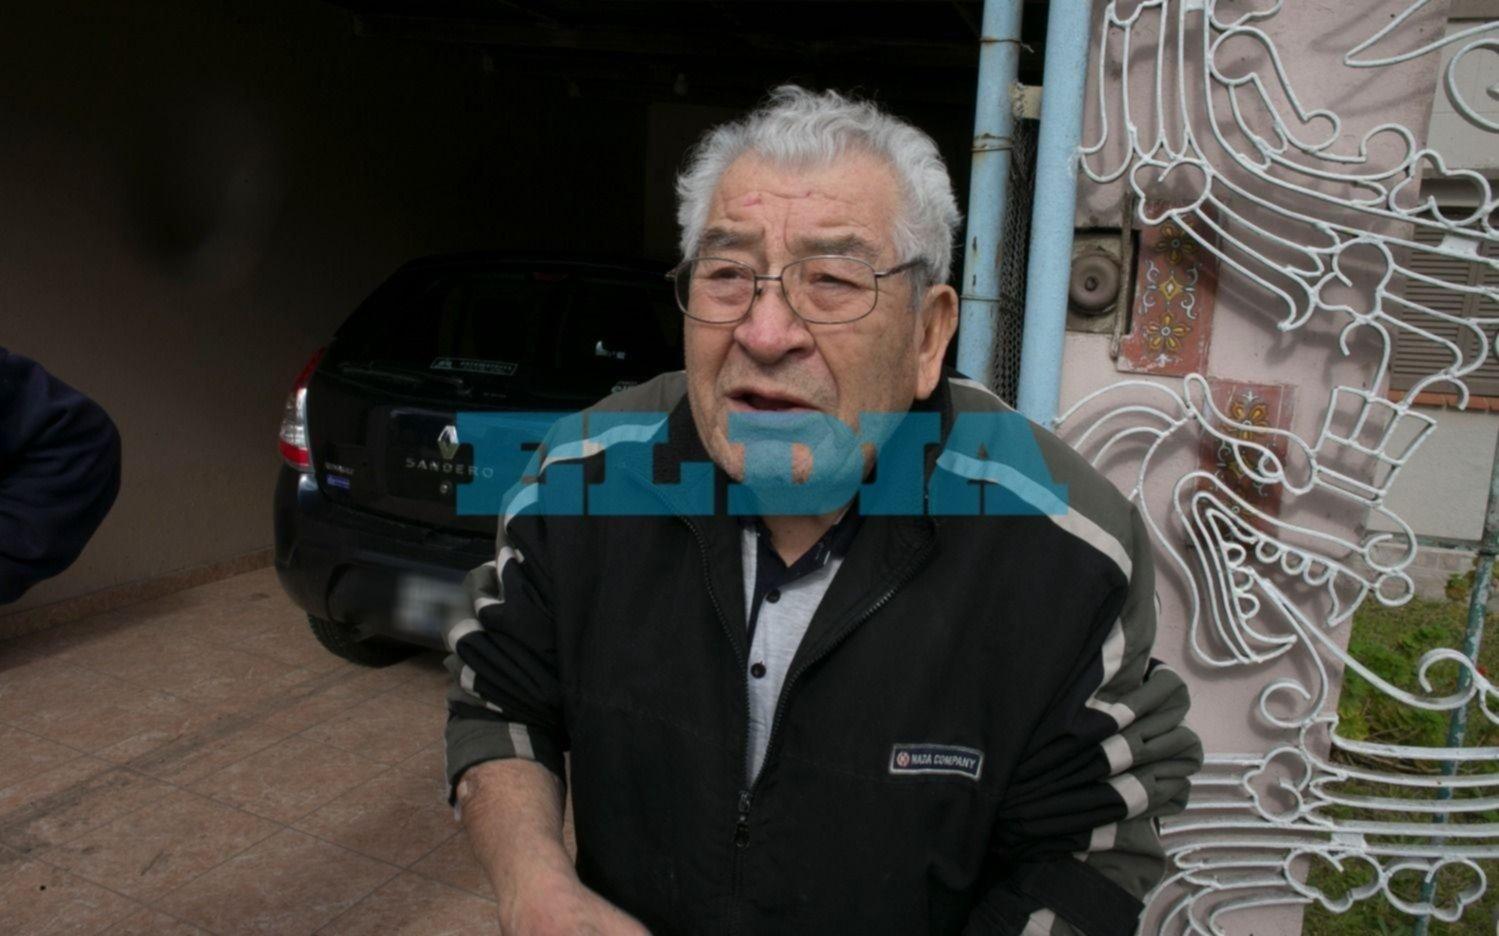 San Carlos: golpearon brutalmente a un jubilado de 86 años para robarle en su casa